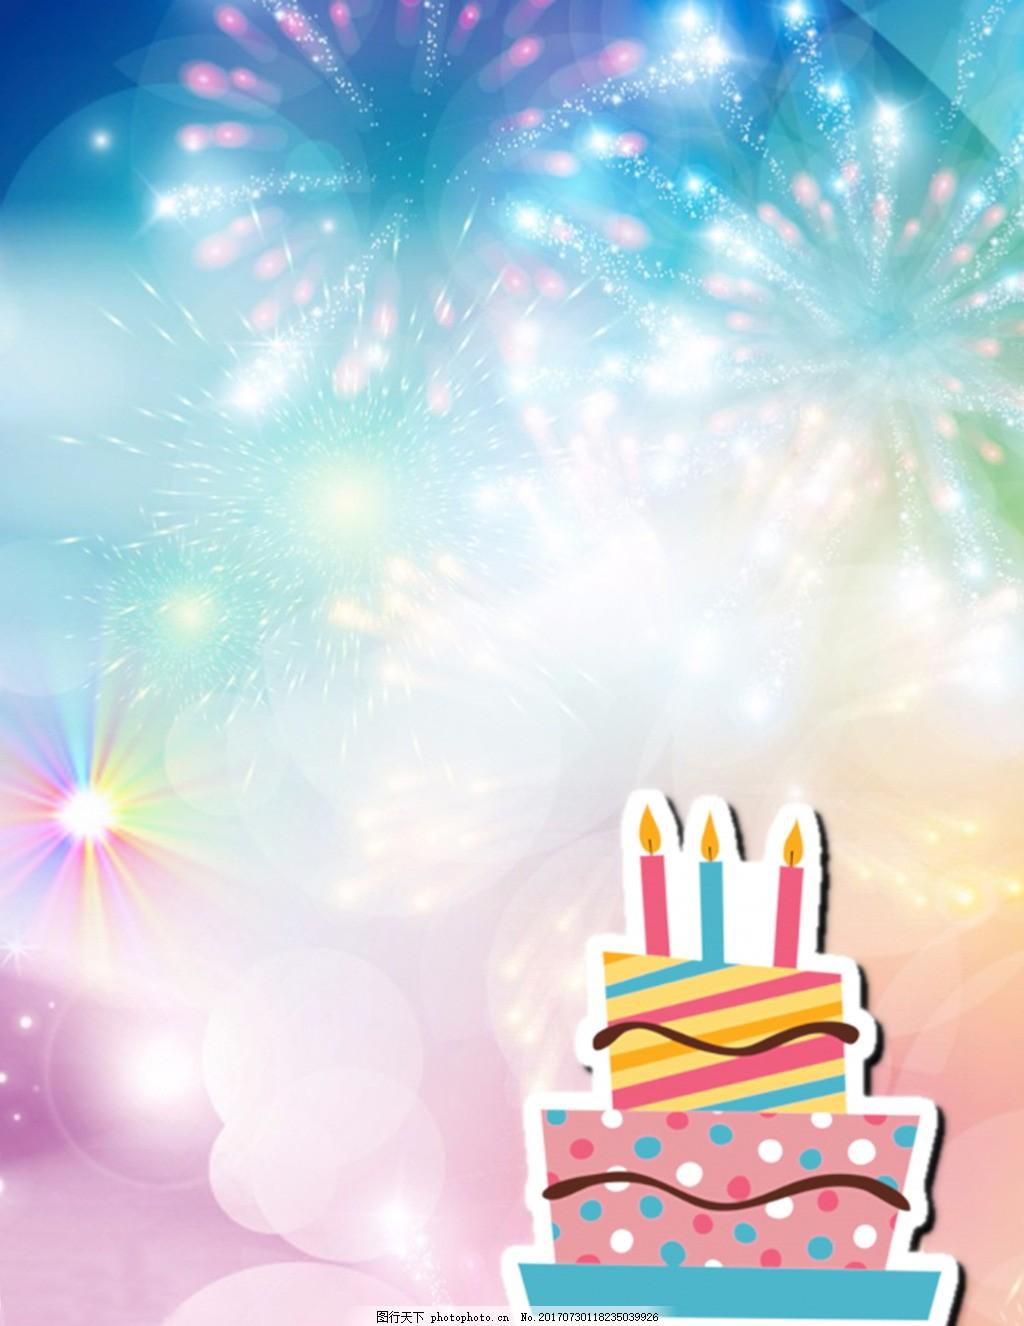 手绘生日烟花背景 手绘 喜庆 彩色 烟花 渐变 彩色蛋糕 生日 透明气泡